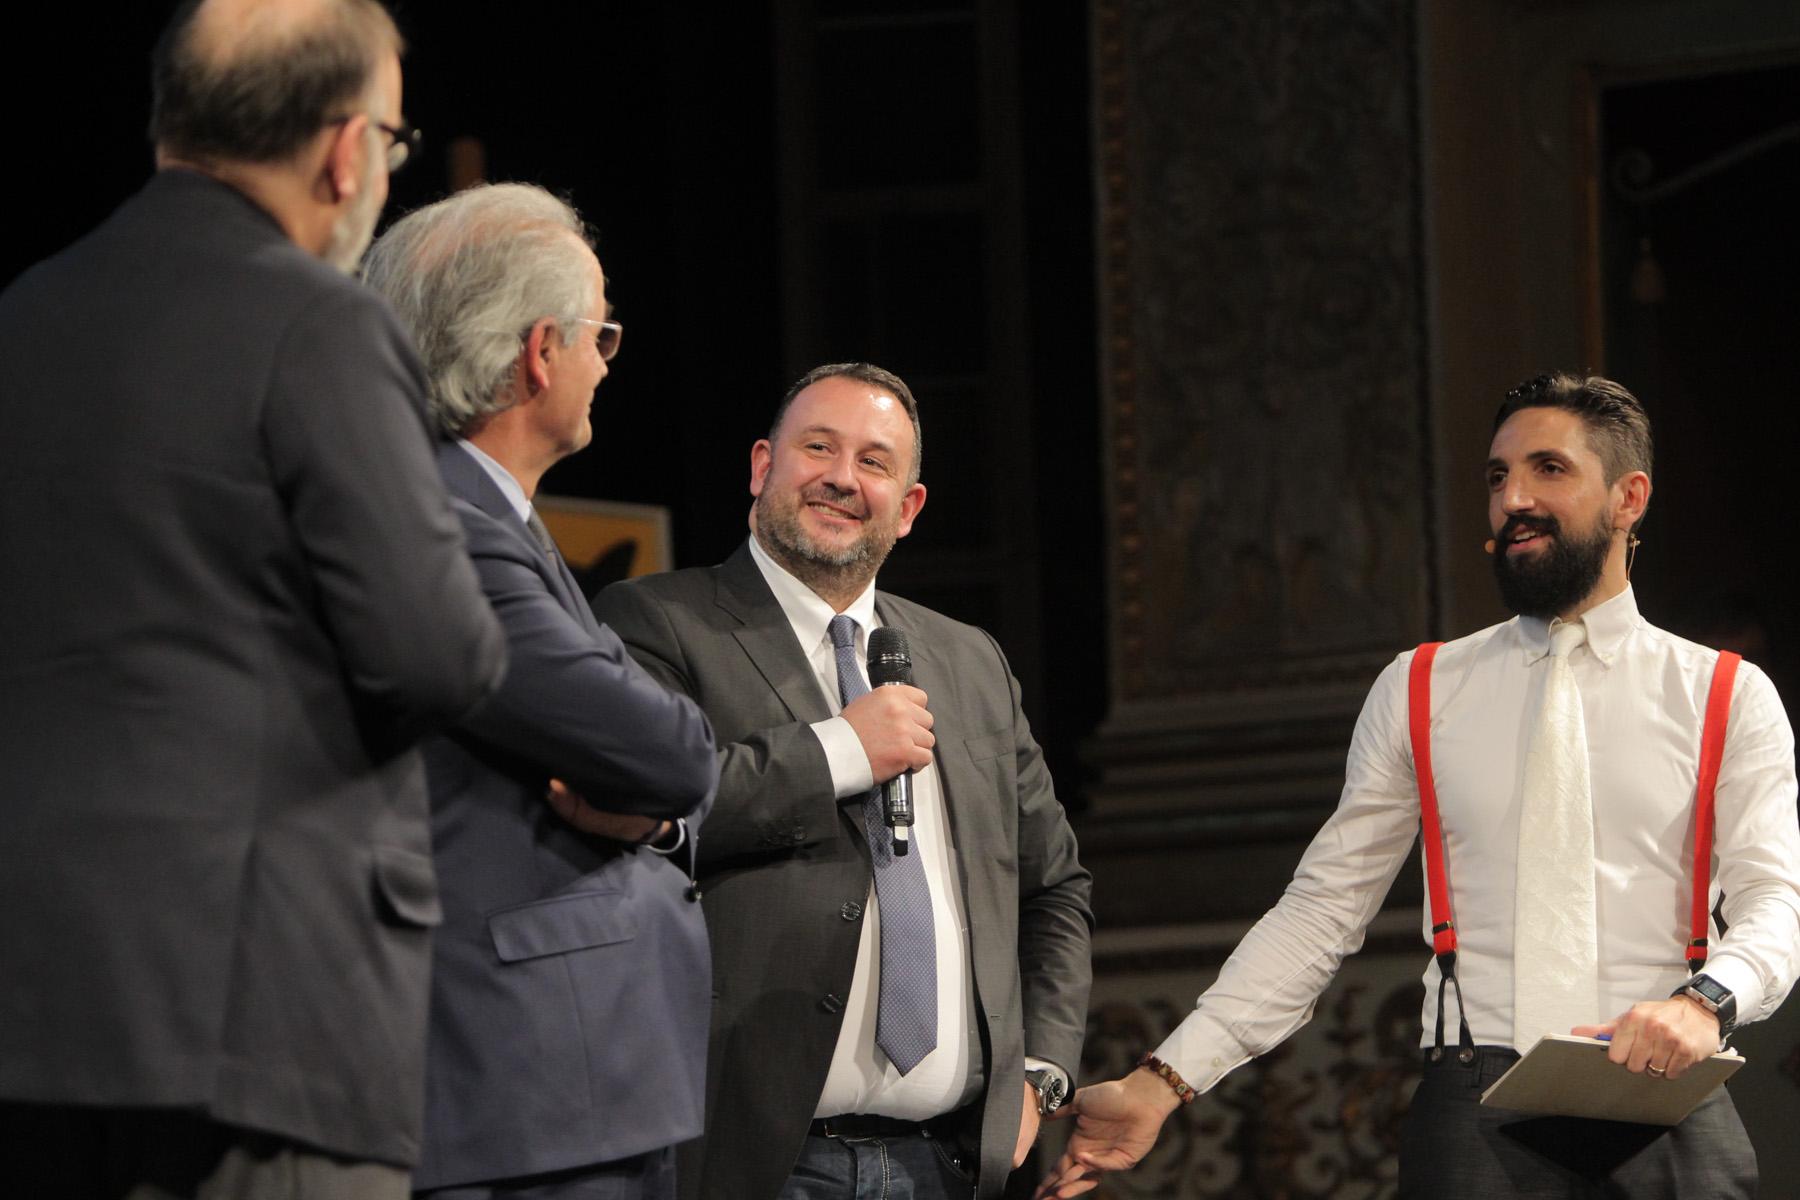 http://www.centropagina.it/wp-content/uploads/2017/02/Pagina-Jesi-in-Progress-Repubblica-Magnifico-Rettore-Gialetti-Socci-.jpg